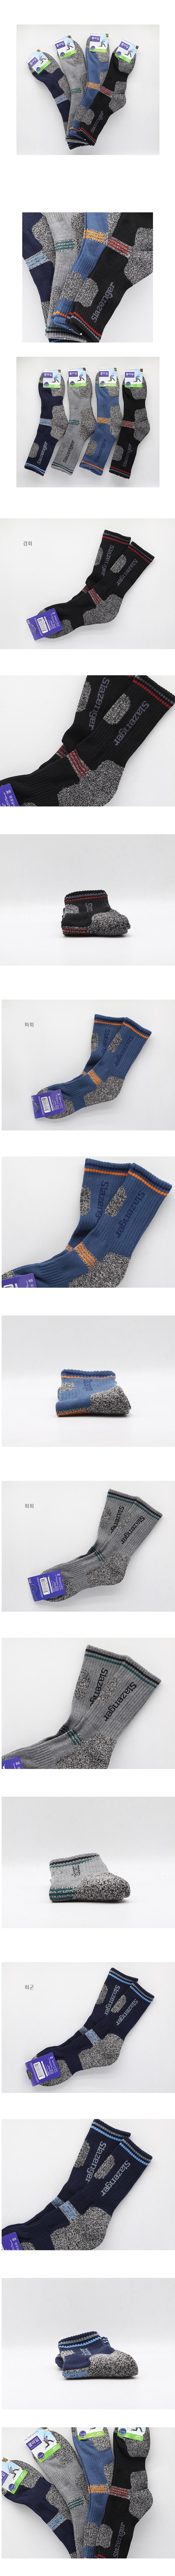 남자 슬레이진져 등산양말 1켤레 CH1385087 - 익스트리모, 2,660원, 등산용품, 등산의류/패션잡화